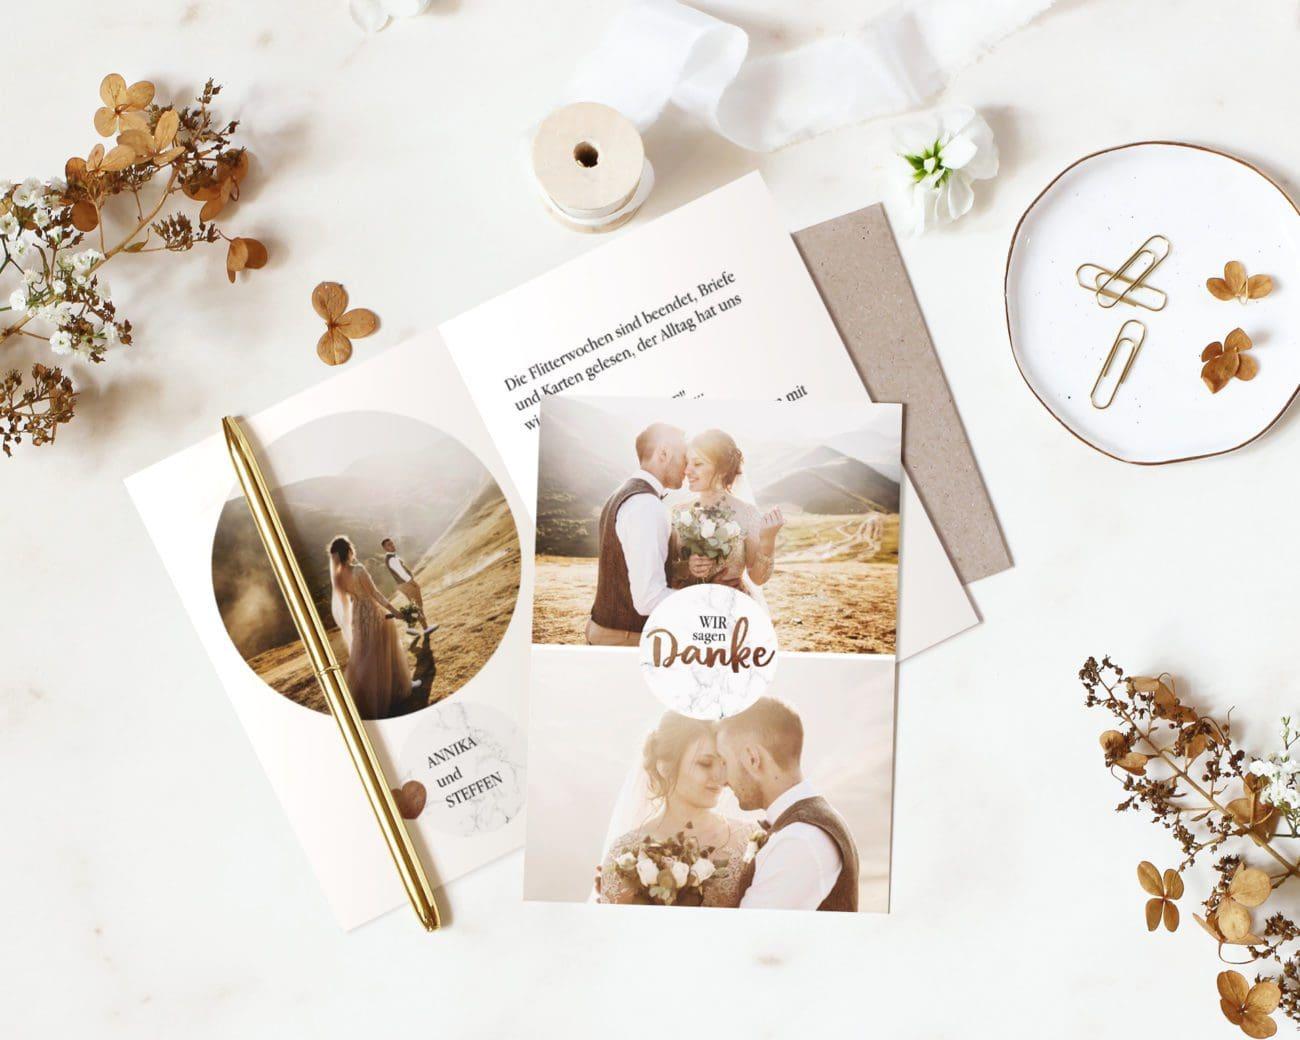 Danksagung Hochzeit Kartenparadies